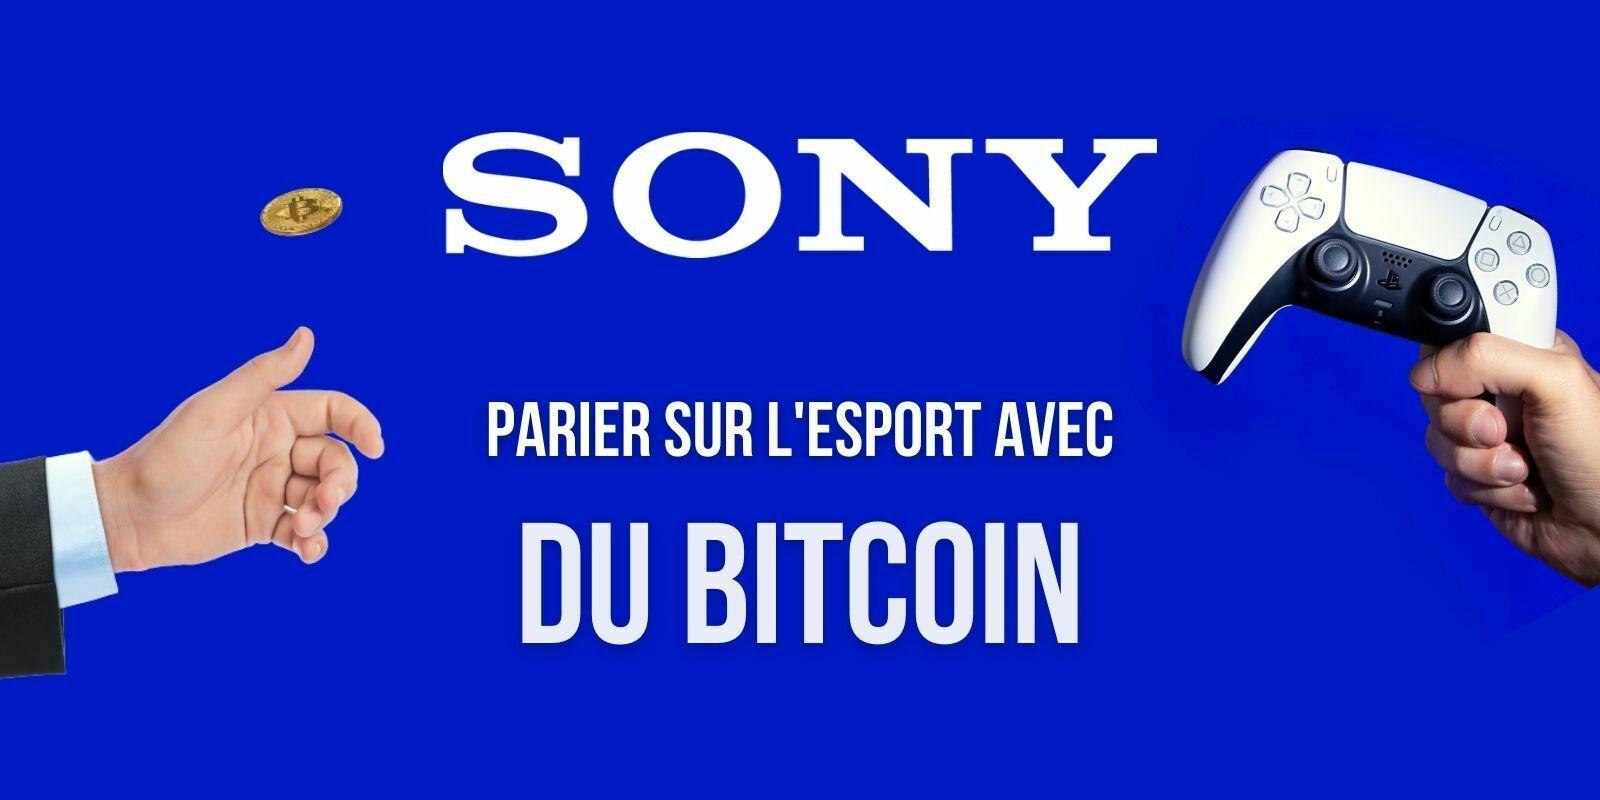 Sony dépose un brevet pour une plateforme de paris acceptant le Bitcoin (BTC)